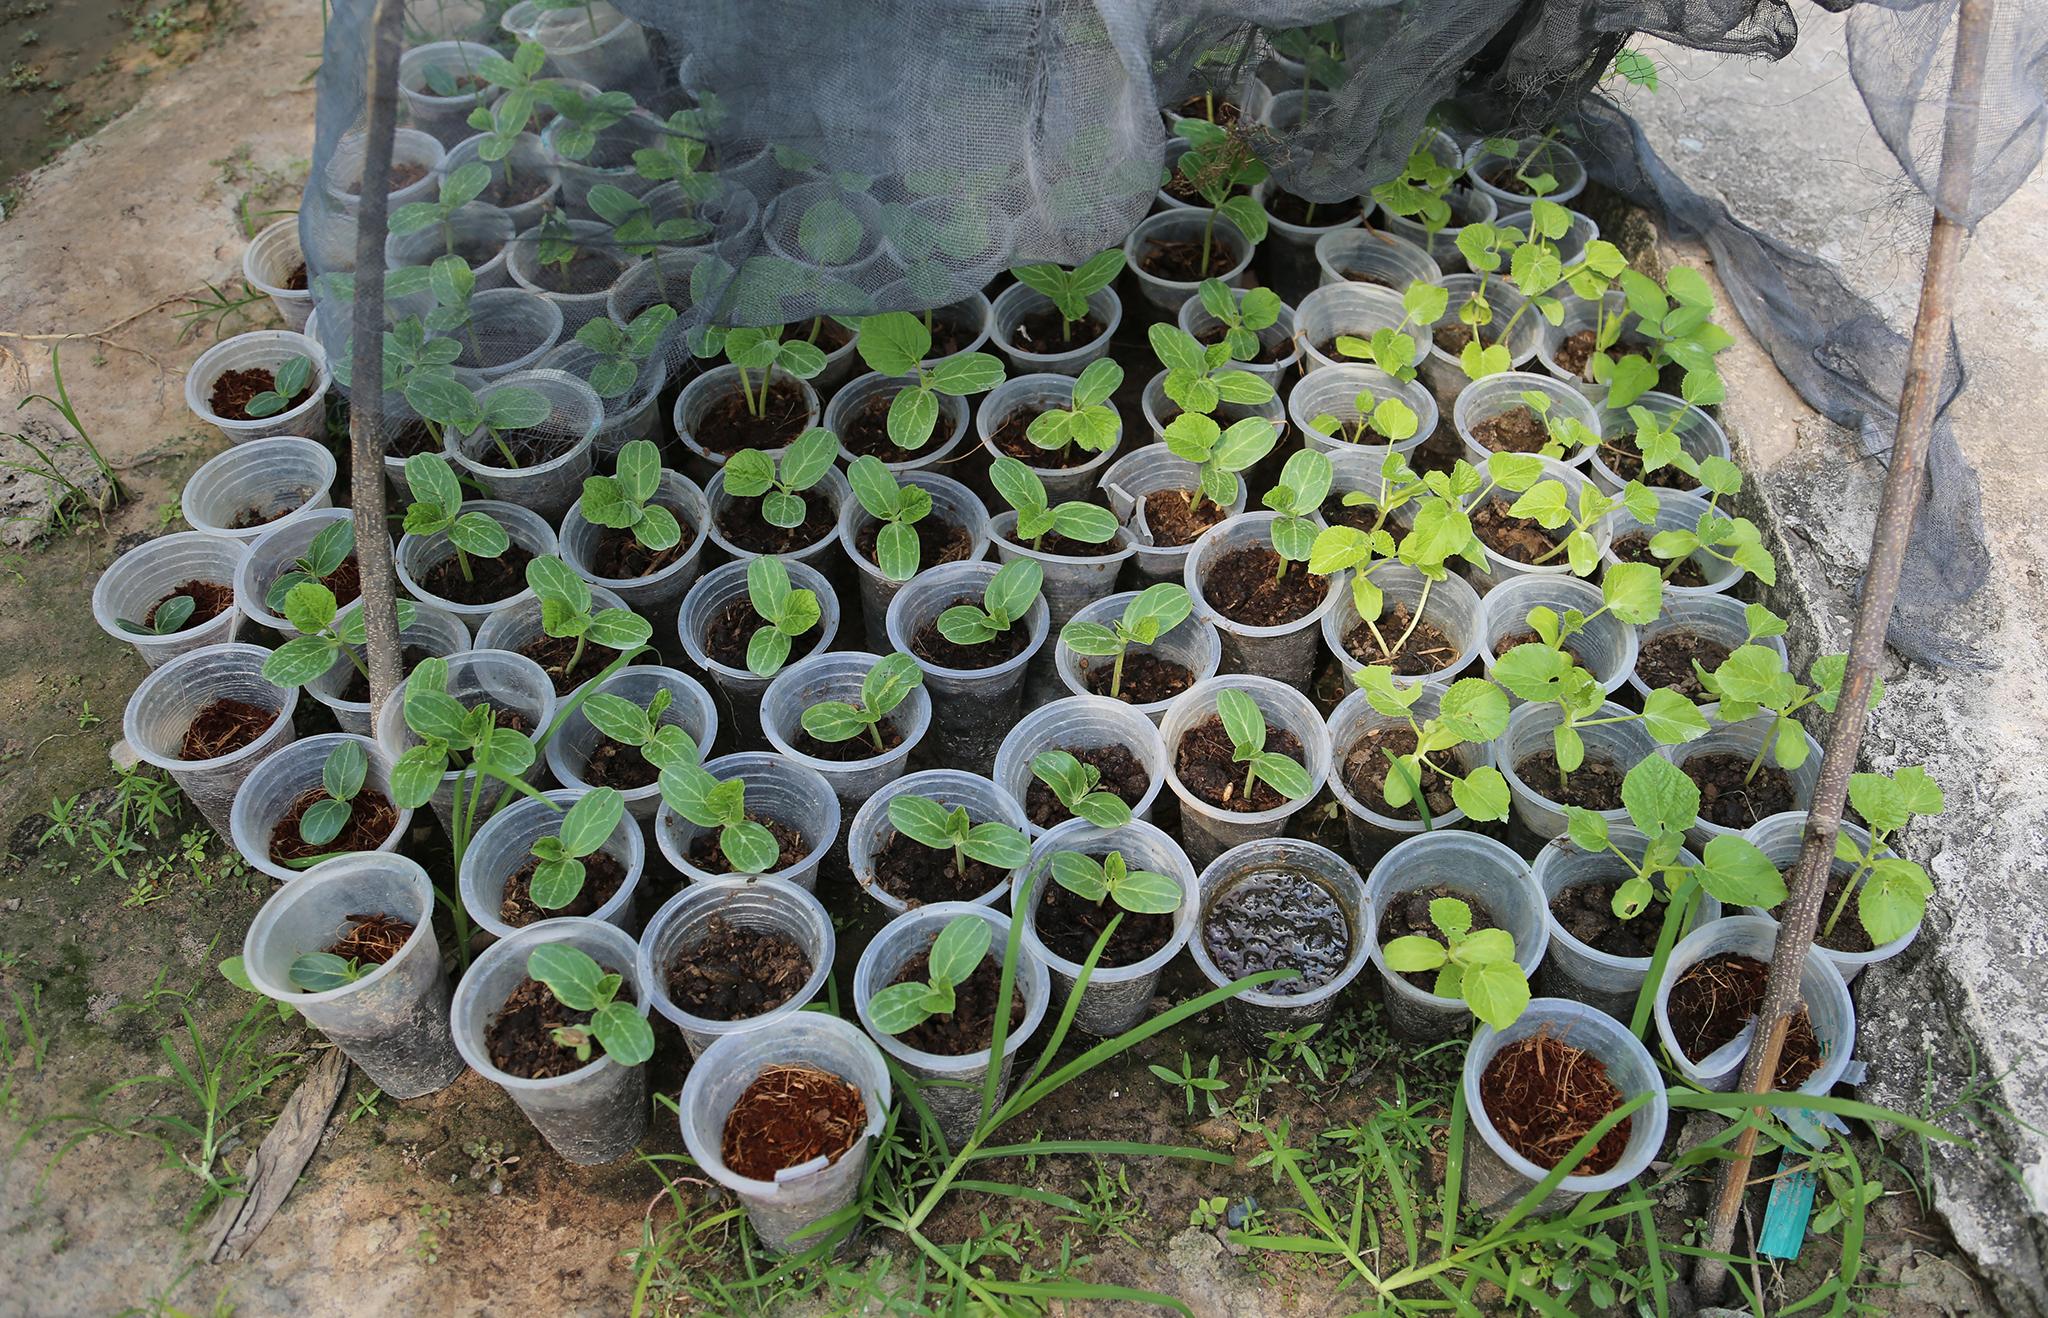 Mục kích khu tăng gia sản xuất rau sạch của Lữ đoàn Phòng không 71 - Ảnh minh hoạ 5